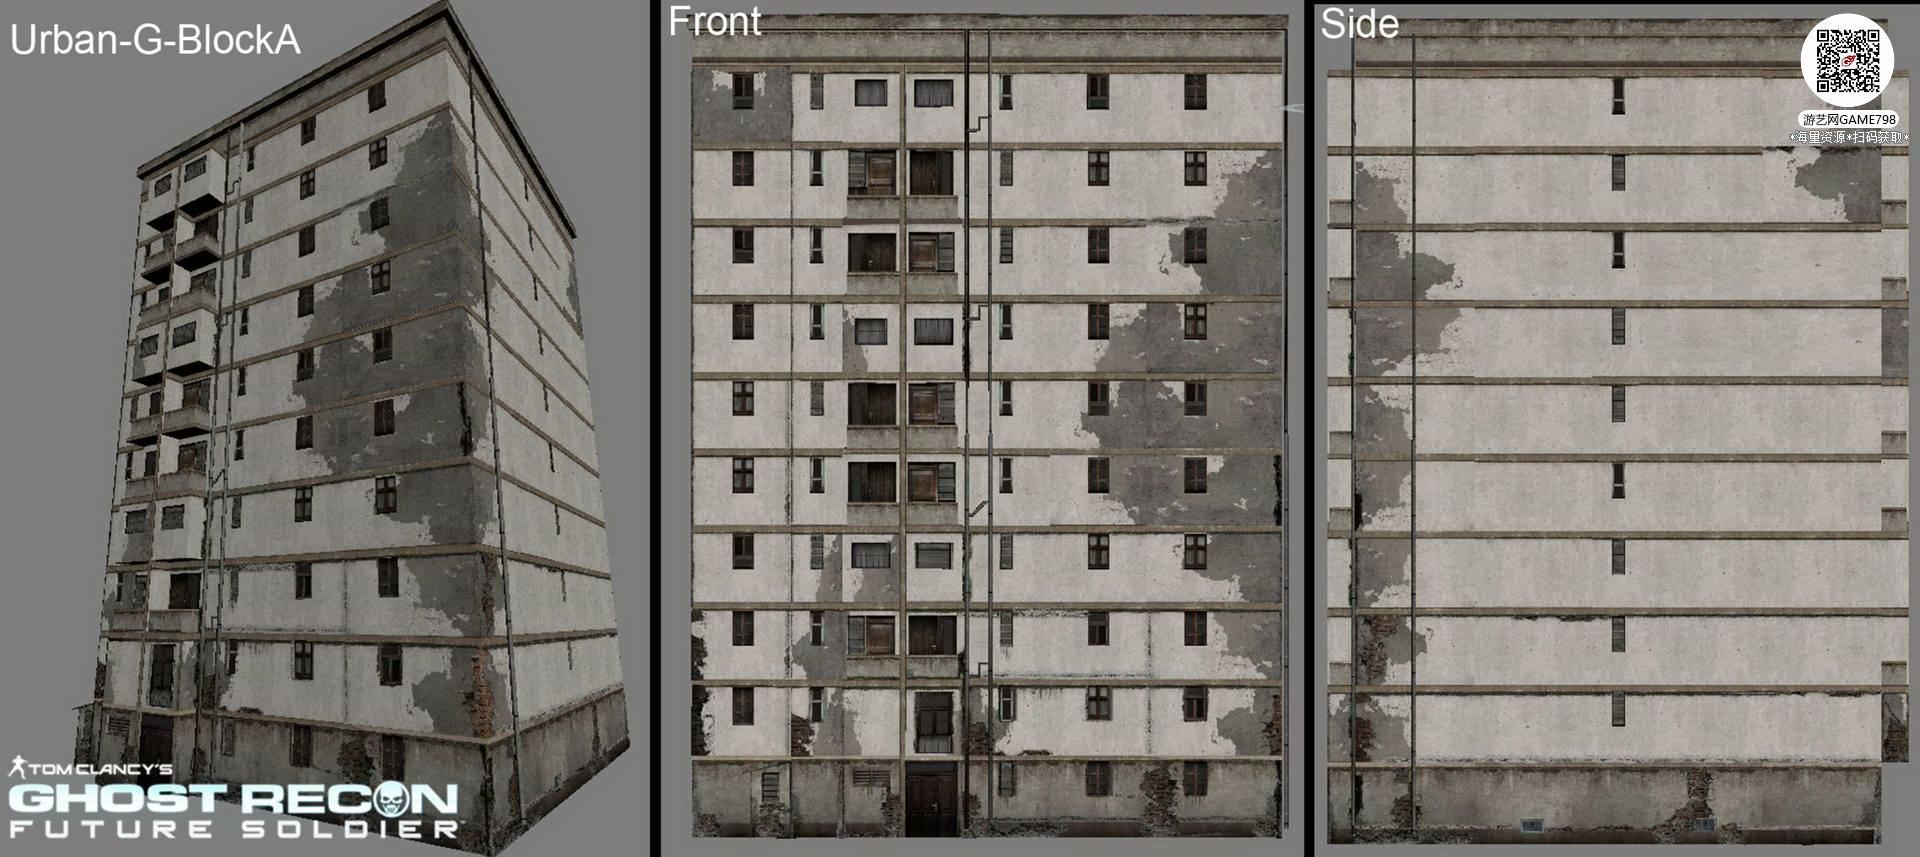 044_关注游艺网公众号获海量资源_幽灵行动未来战士次世代游戏3D模型参考原画概念设定.jpg